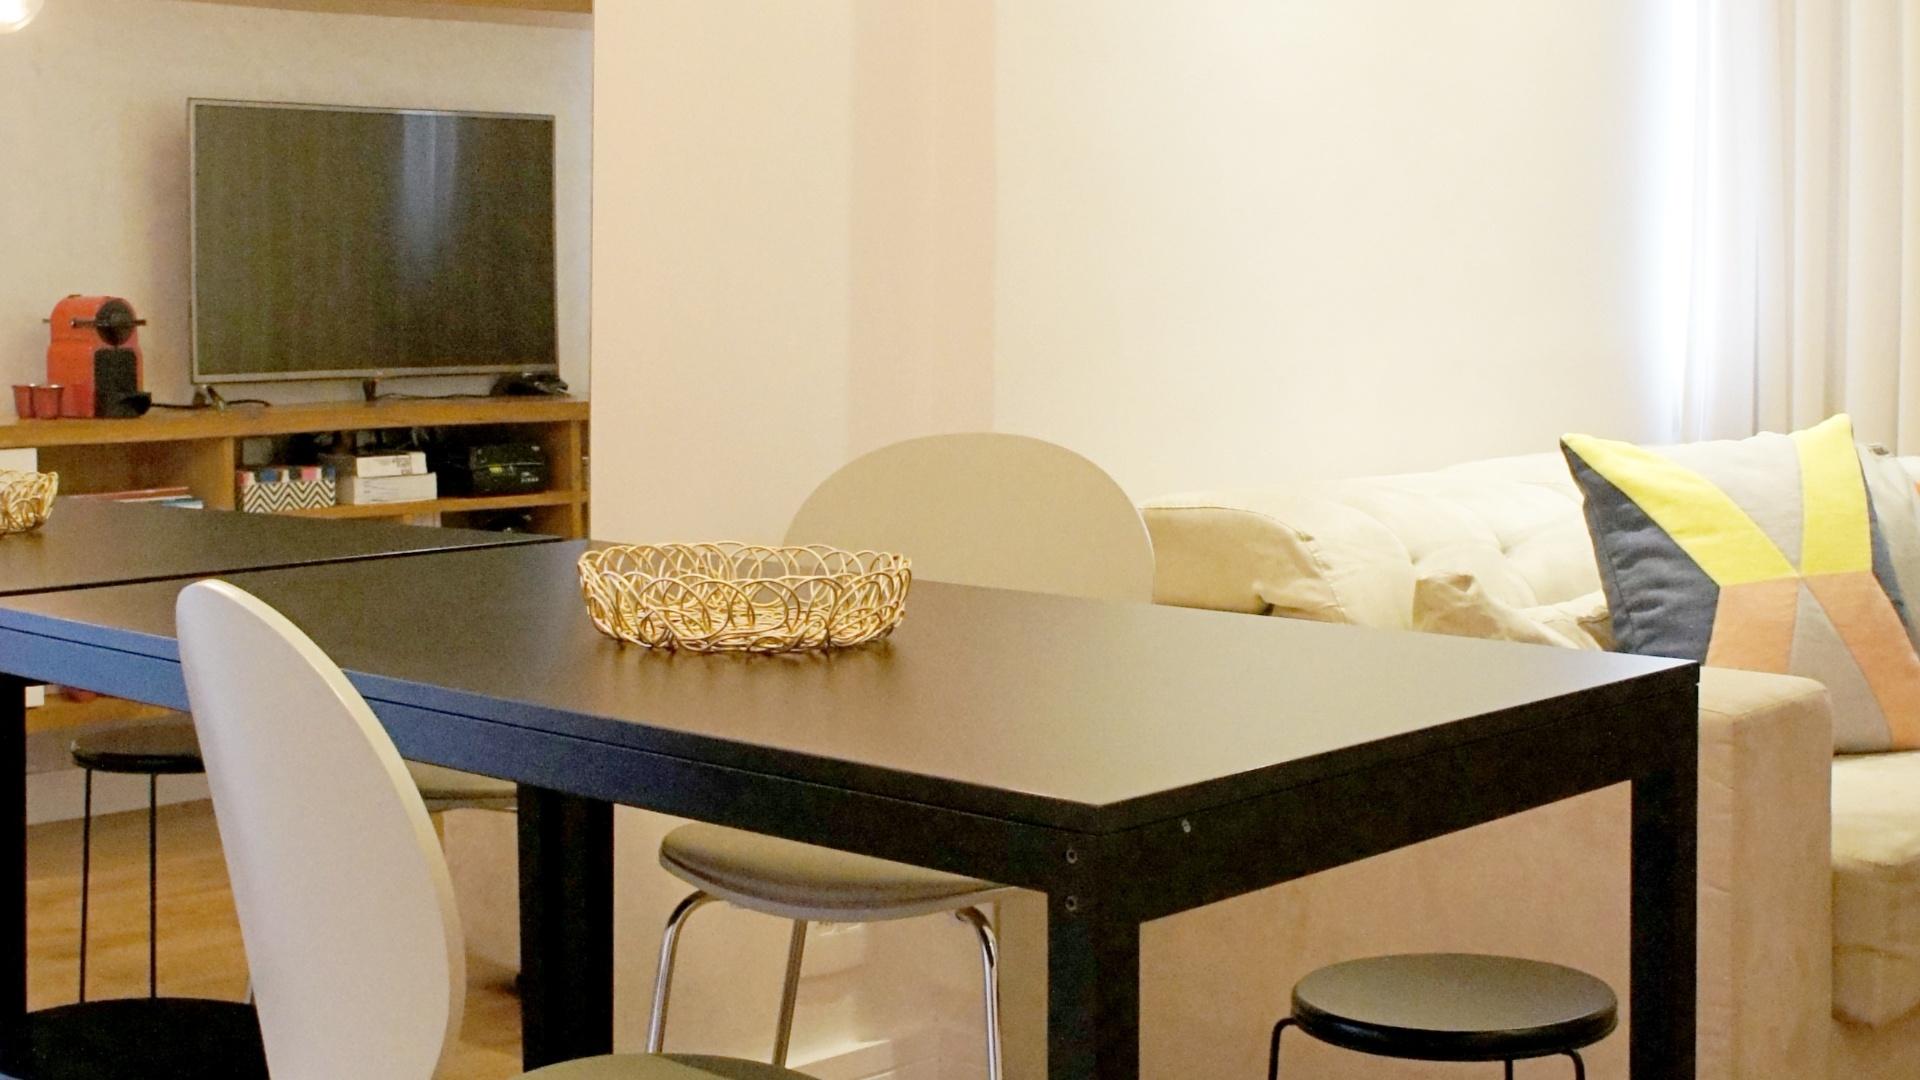 A sala integrada é separada em funções pela disposição dos móveis: a mesa de jantar é iluminada pelo pendente e está situada junto a porta espelhada (ao fundo), que dá acesso ao dormitório. O apartamento em Copacabana - datado dos anos 1970 - teve reforma assinada pelo arquiteto Fabiano Ravaglia, do escritório Ravaglia & Philot